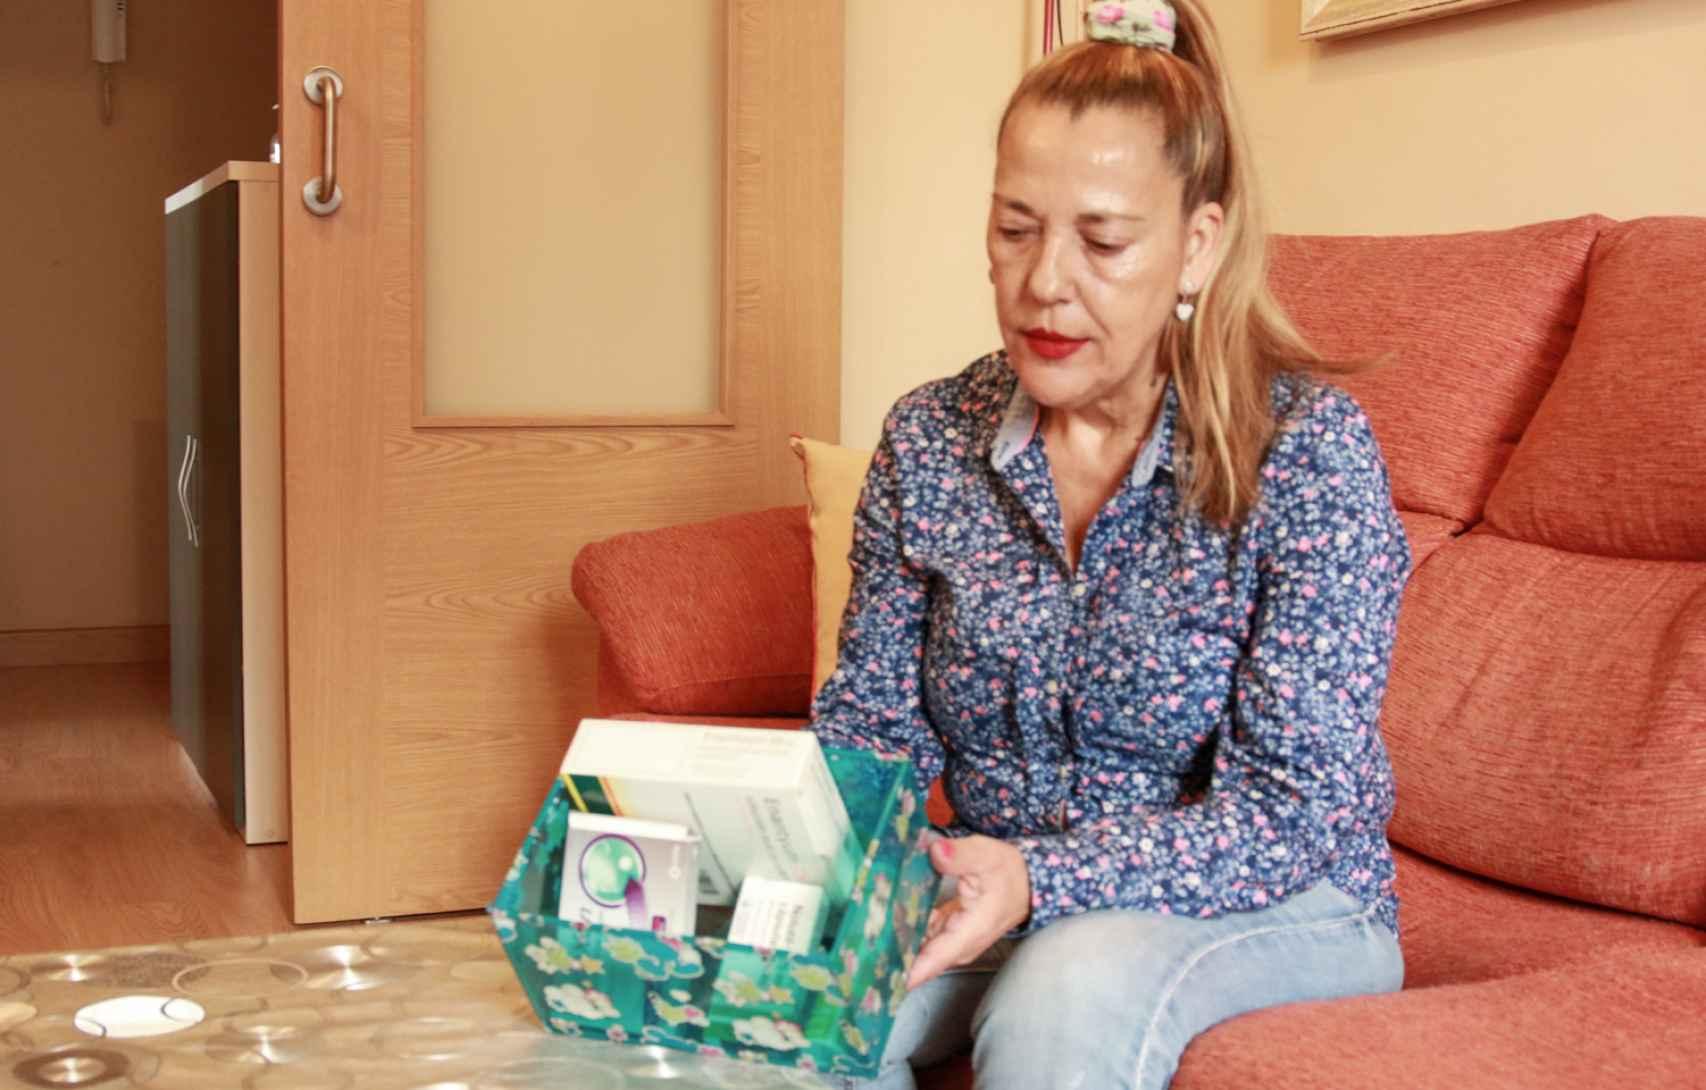 Hortensia, exadicta a los opioides, sólo guarda ya en su botiquín medicamentos que usa su hija.